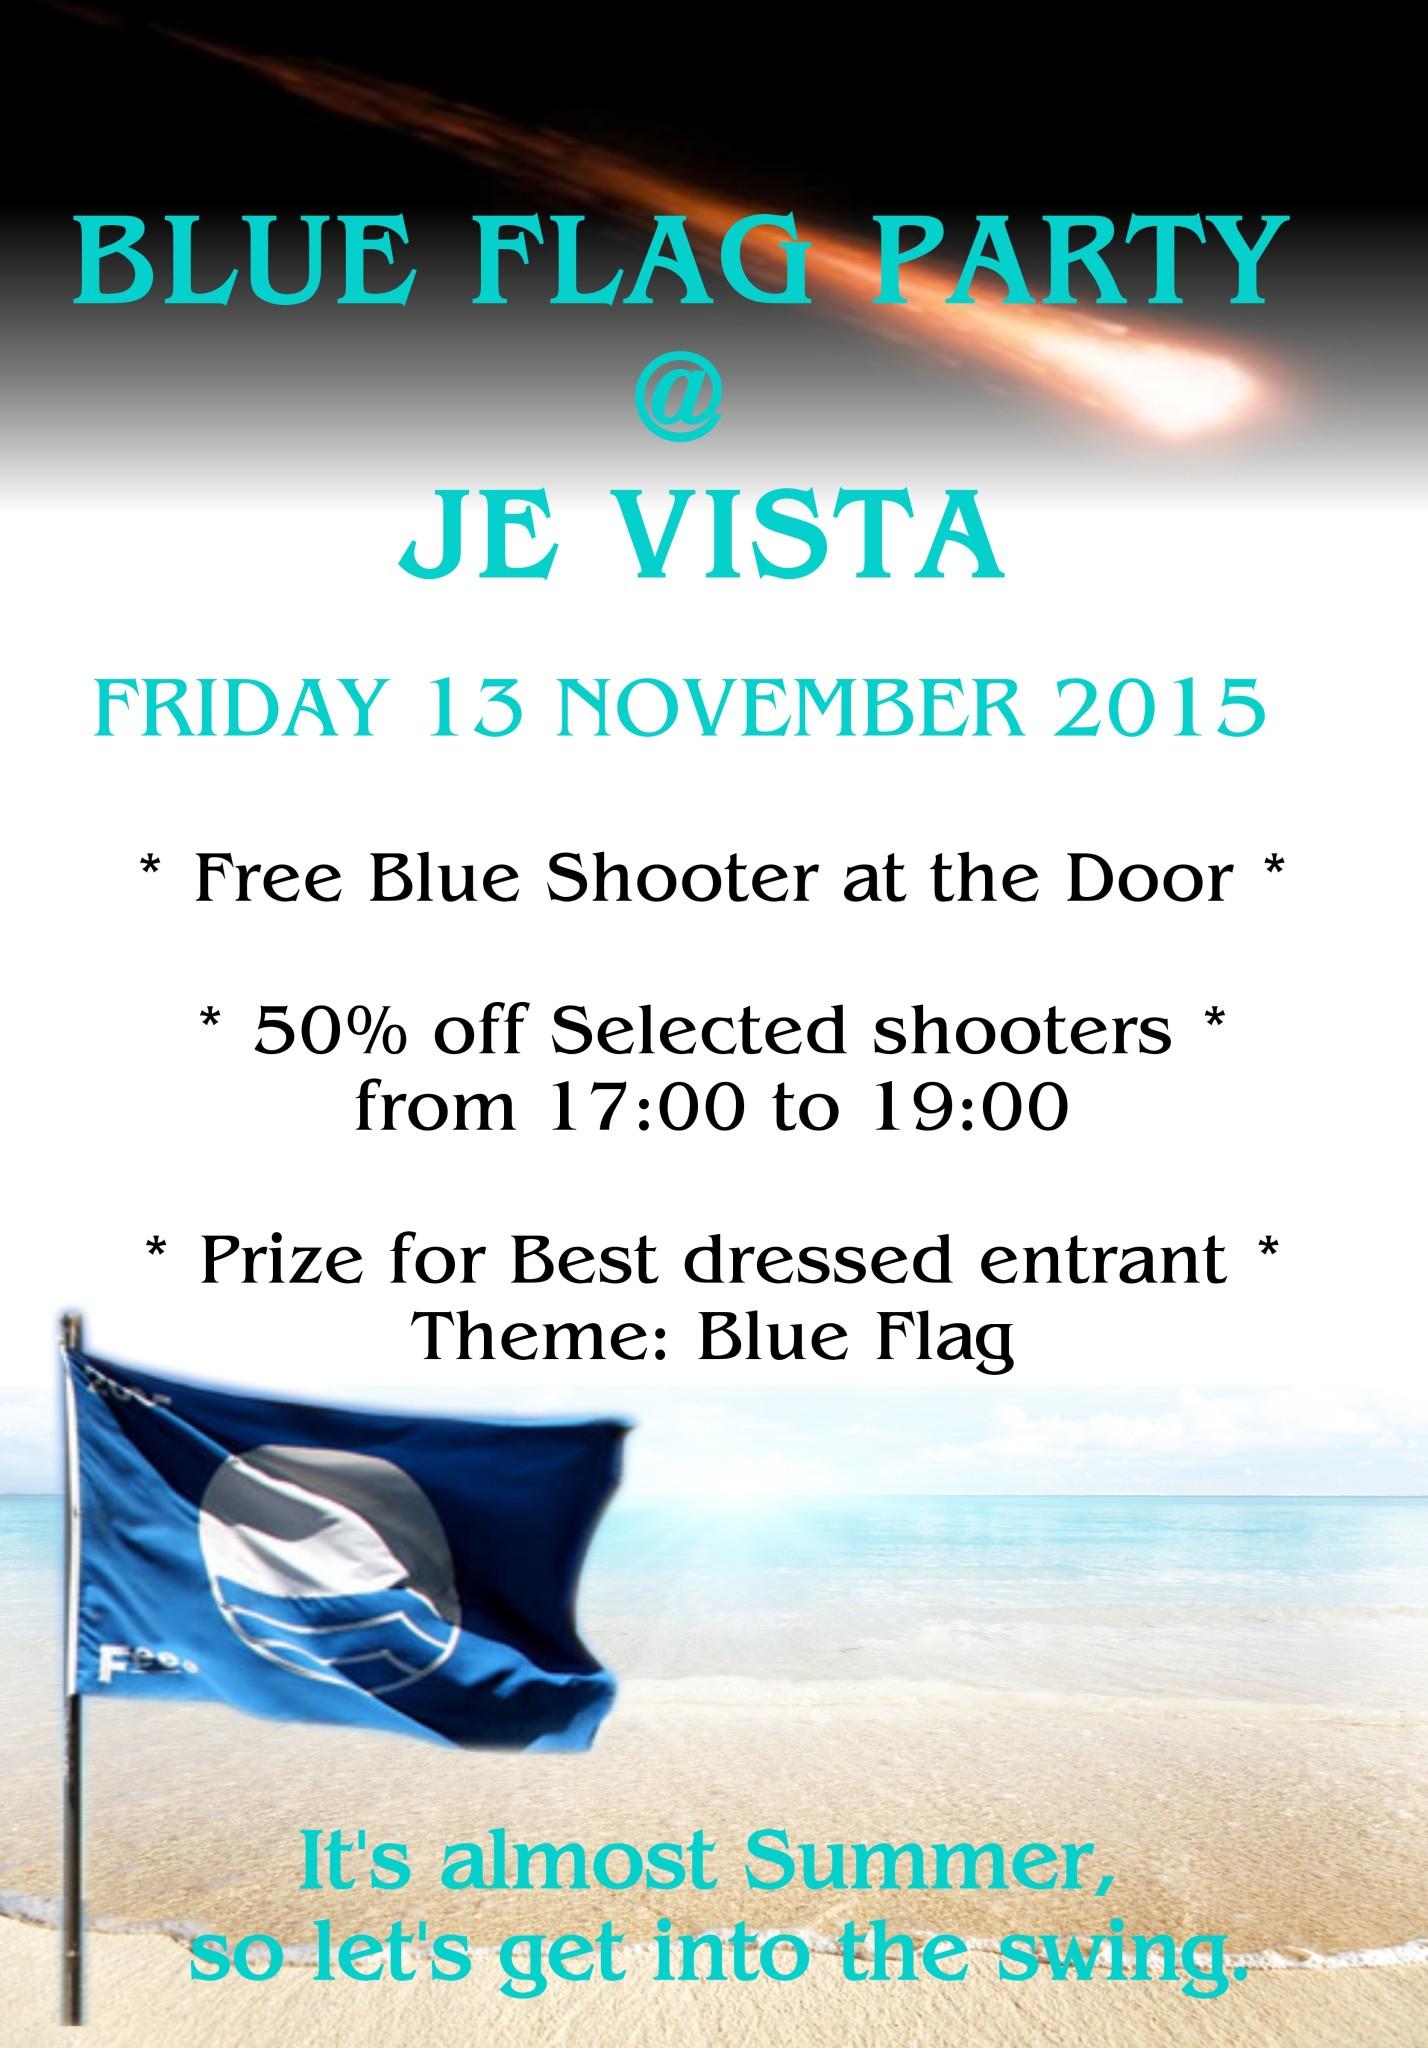 blueflagparty